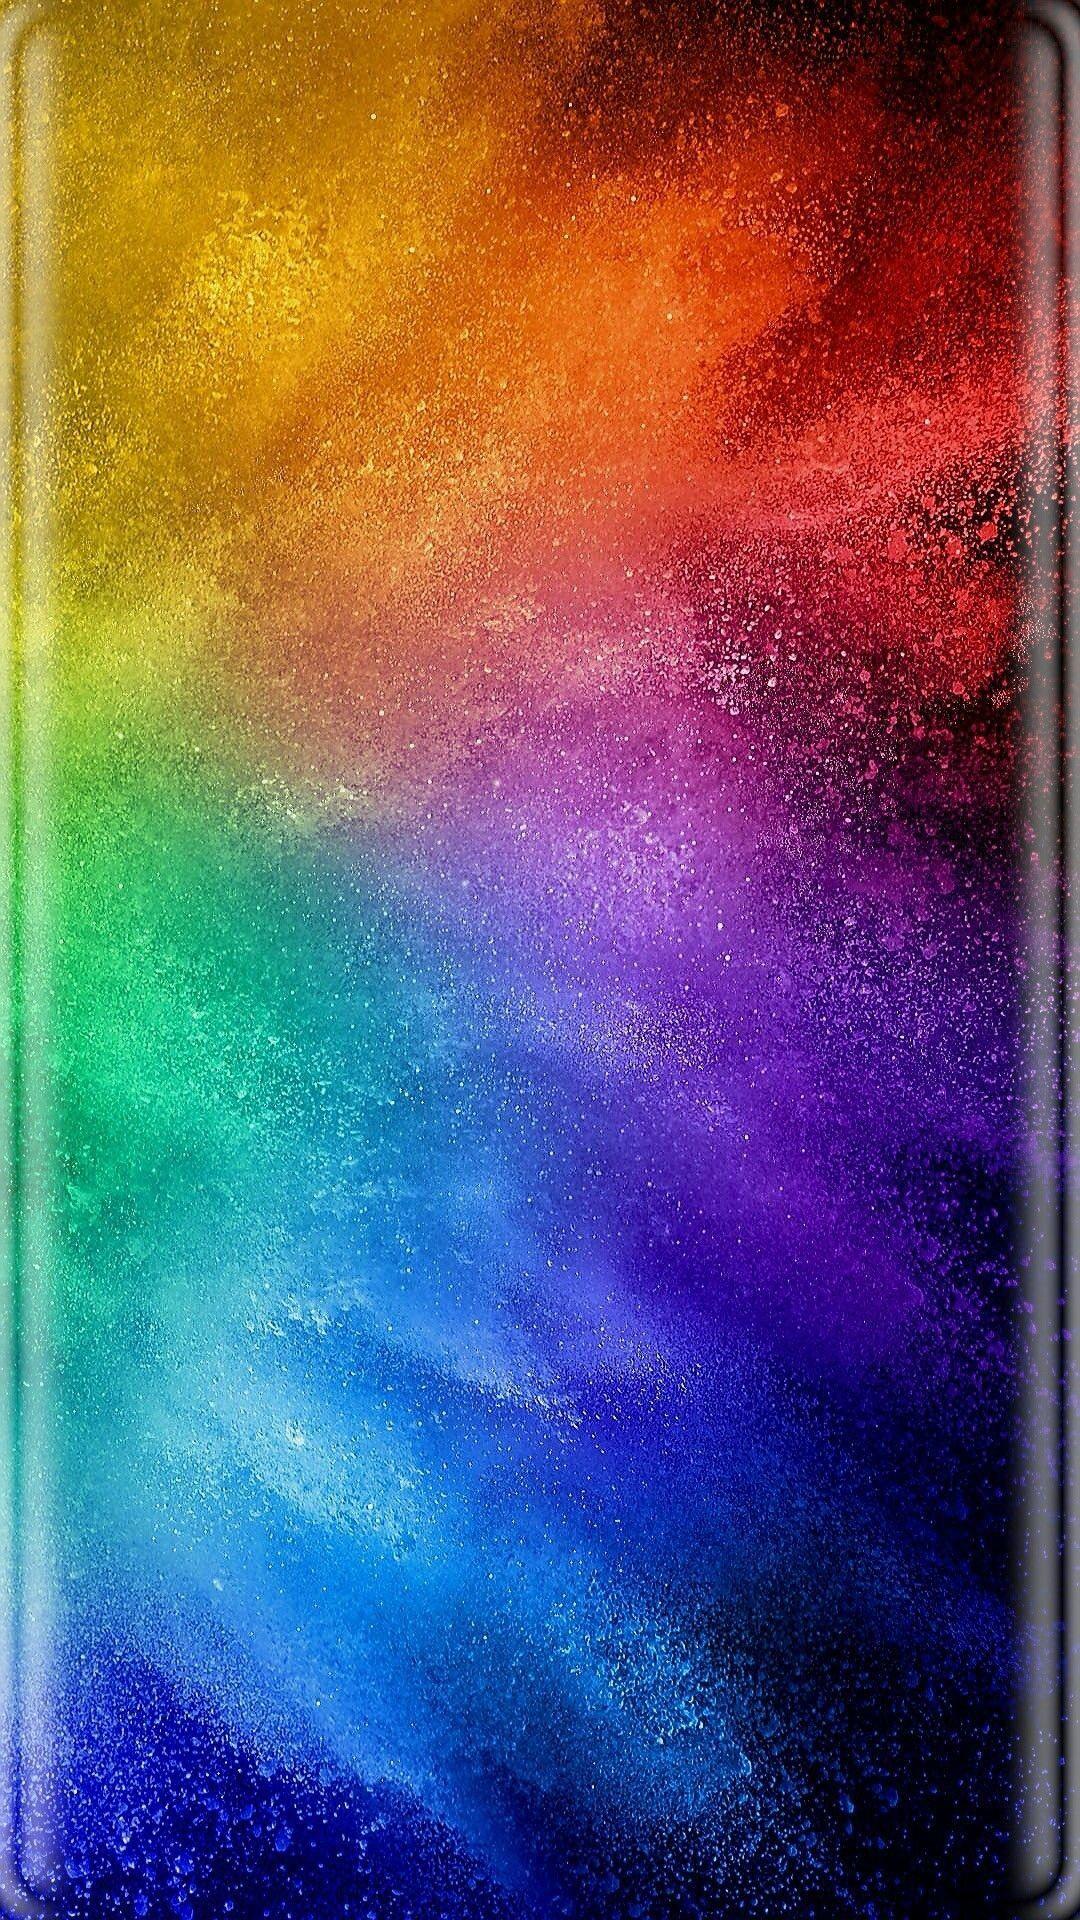 Aesthetic Rainbow Wallpaper Download Is Best Wallpaper On Flowerswallpaper Info If You Like It I In 2020 Rainbow Wallpaper Colourful Wallpaper Iphone Wallpaper Edge